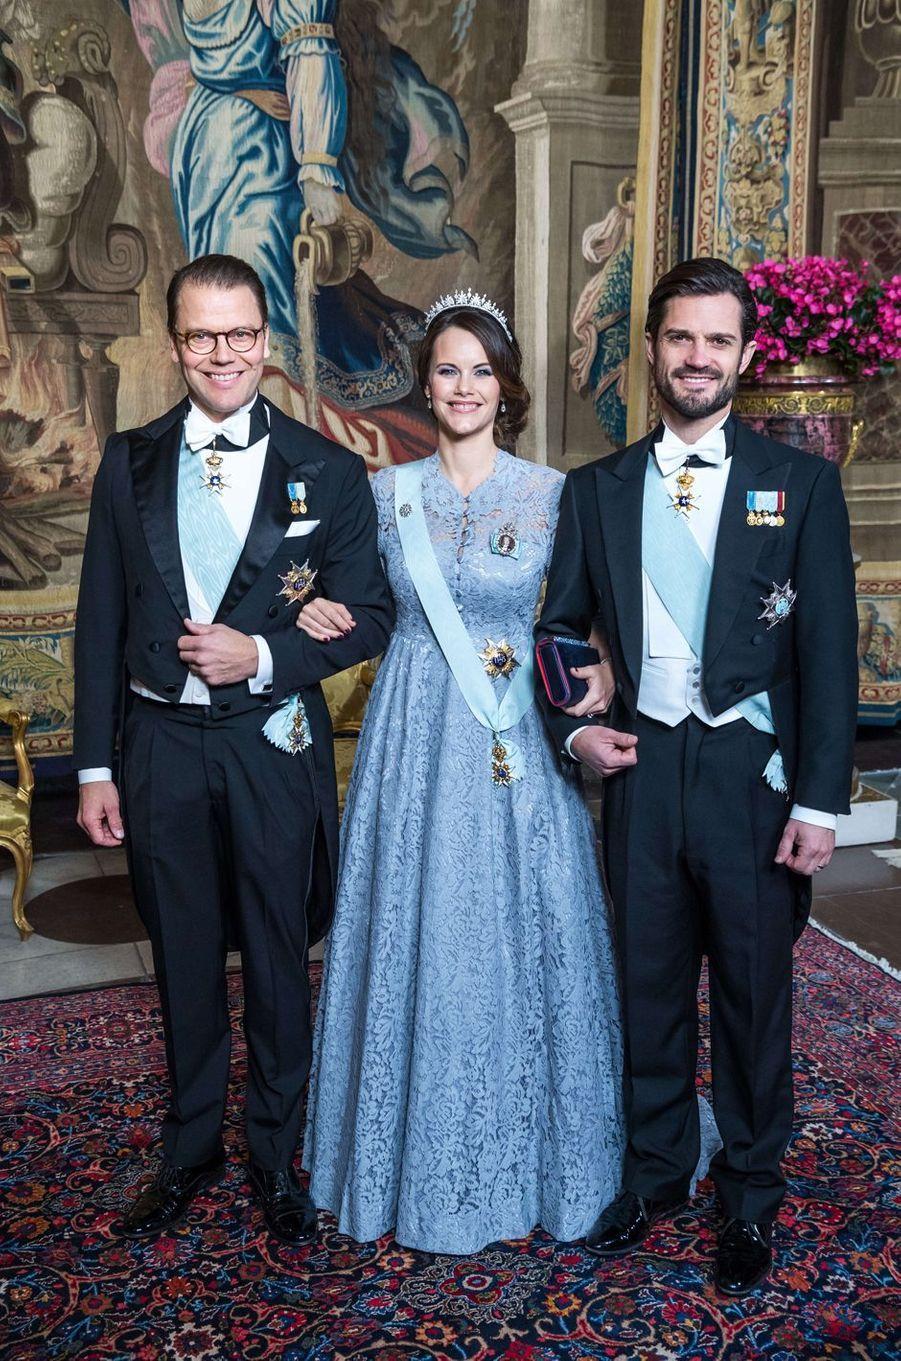 La princesse Sofia avec les princes Daniel et Carl Philip de Suède à Stockholm, le 23 novembre 2017